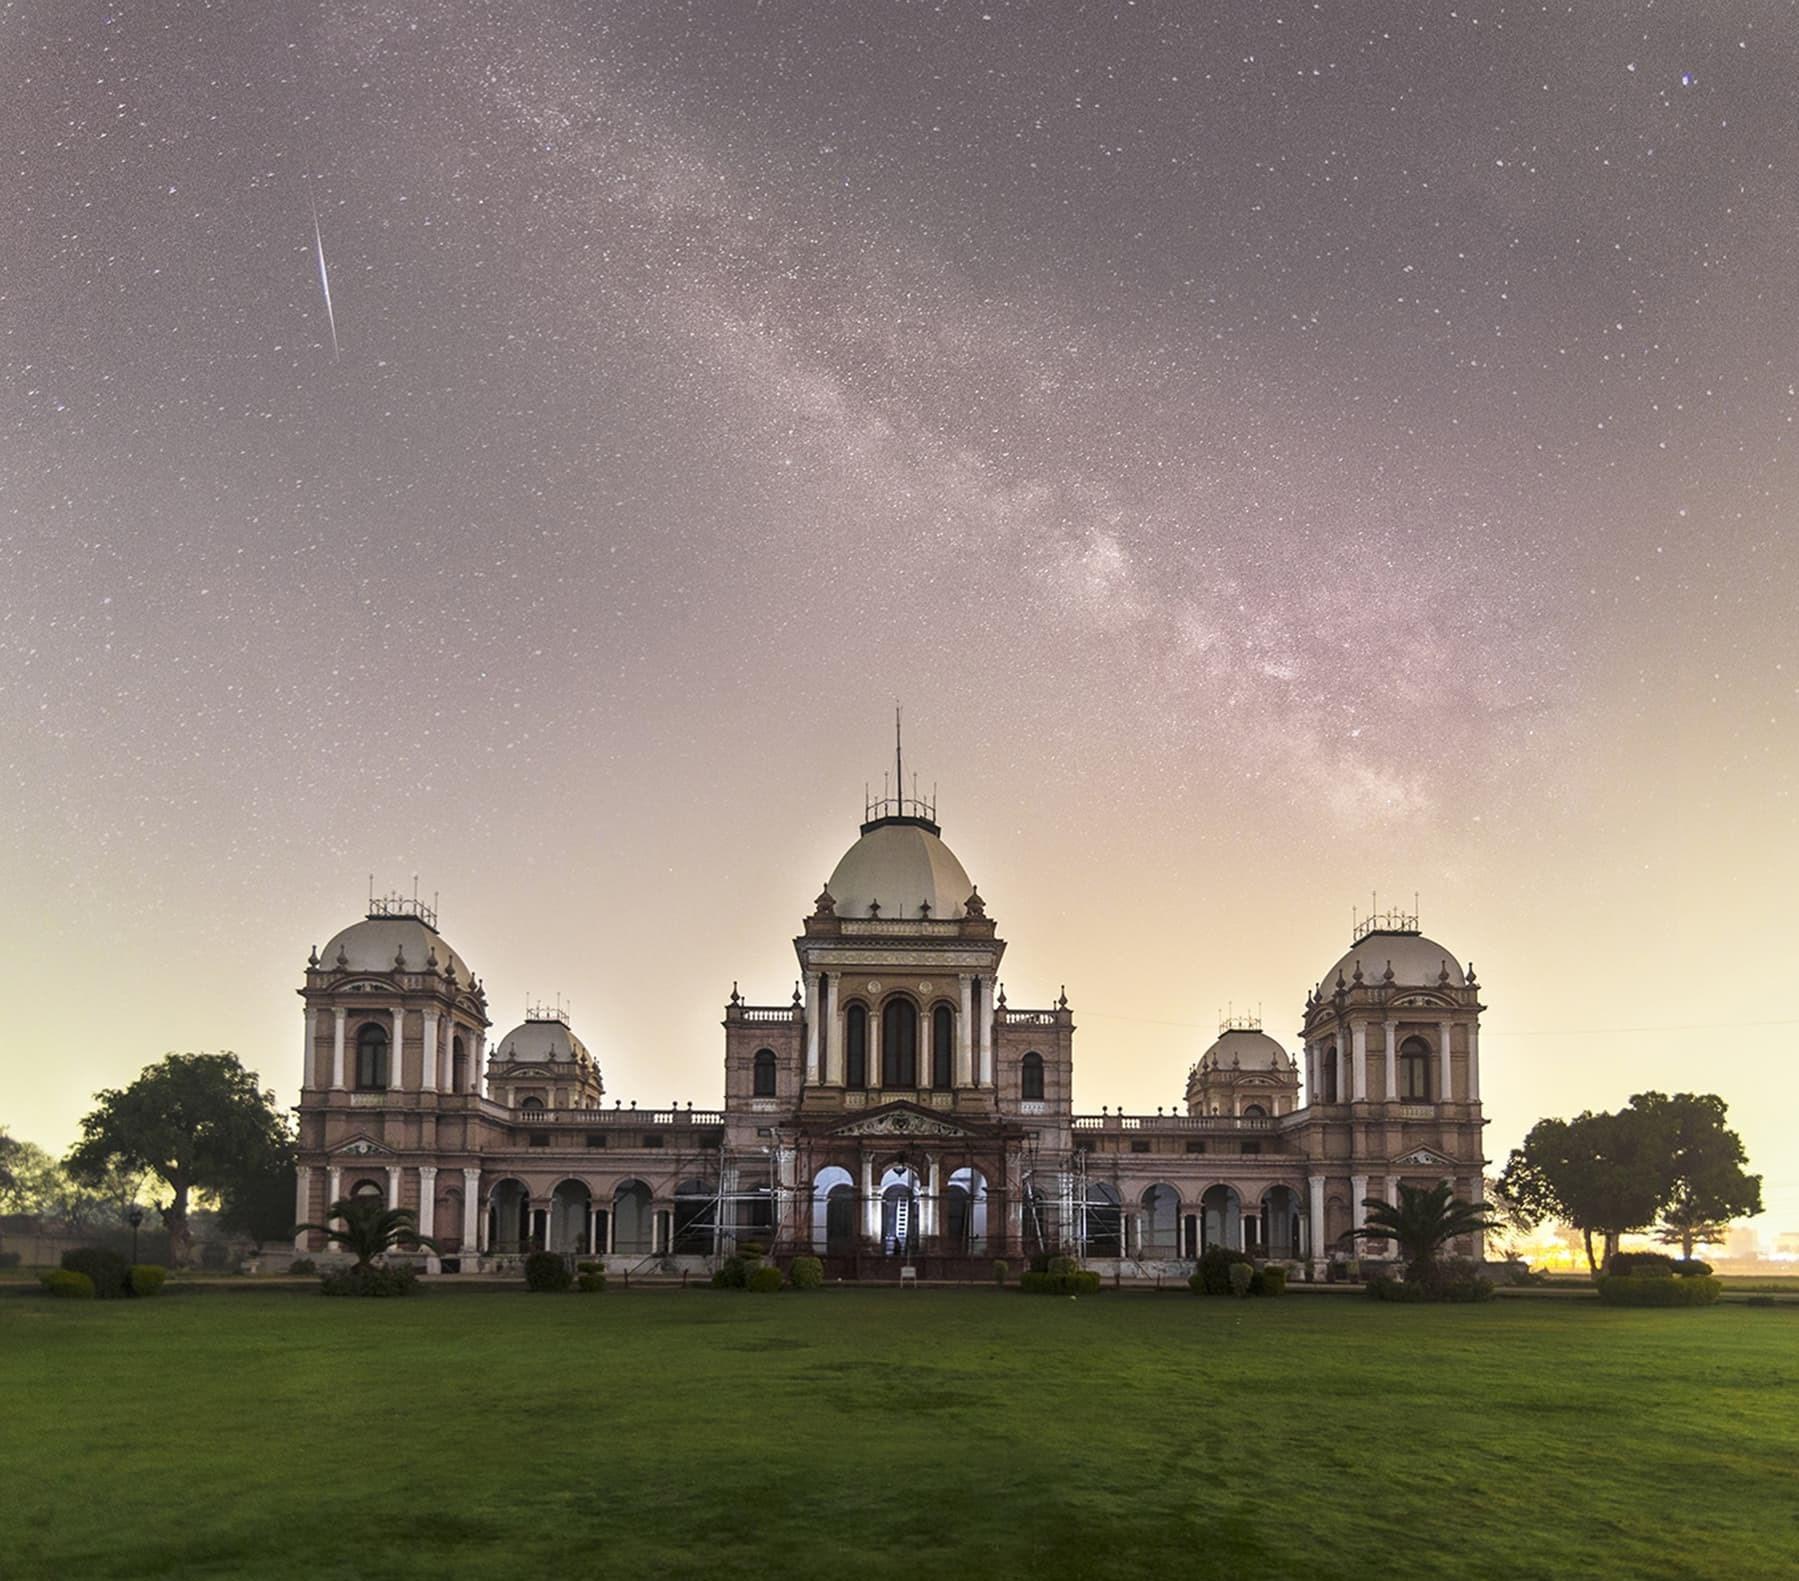 1394072815493742163360310 تصاویر زیبا از مکانهای دیدنی پاکستان